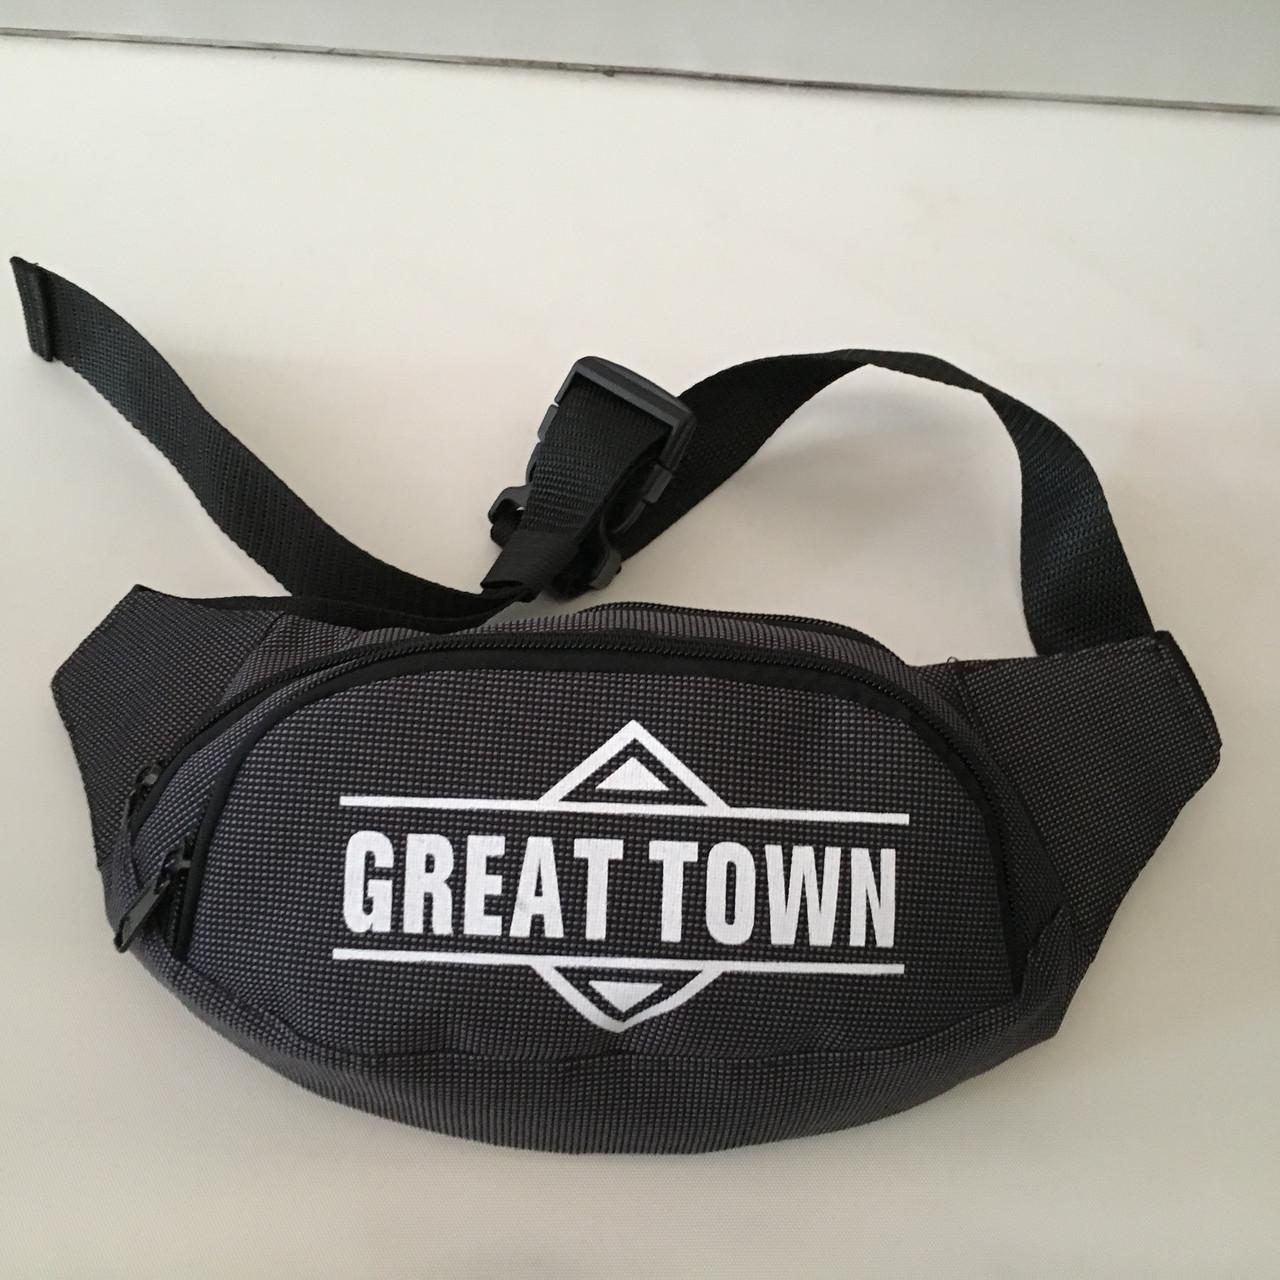 e6d954482 Поясная мужская сумка GREAT TOWN Молодежная спортивная сумка на пояс ...